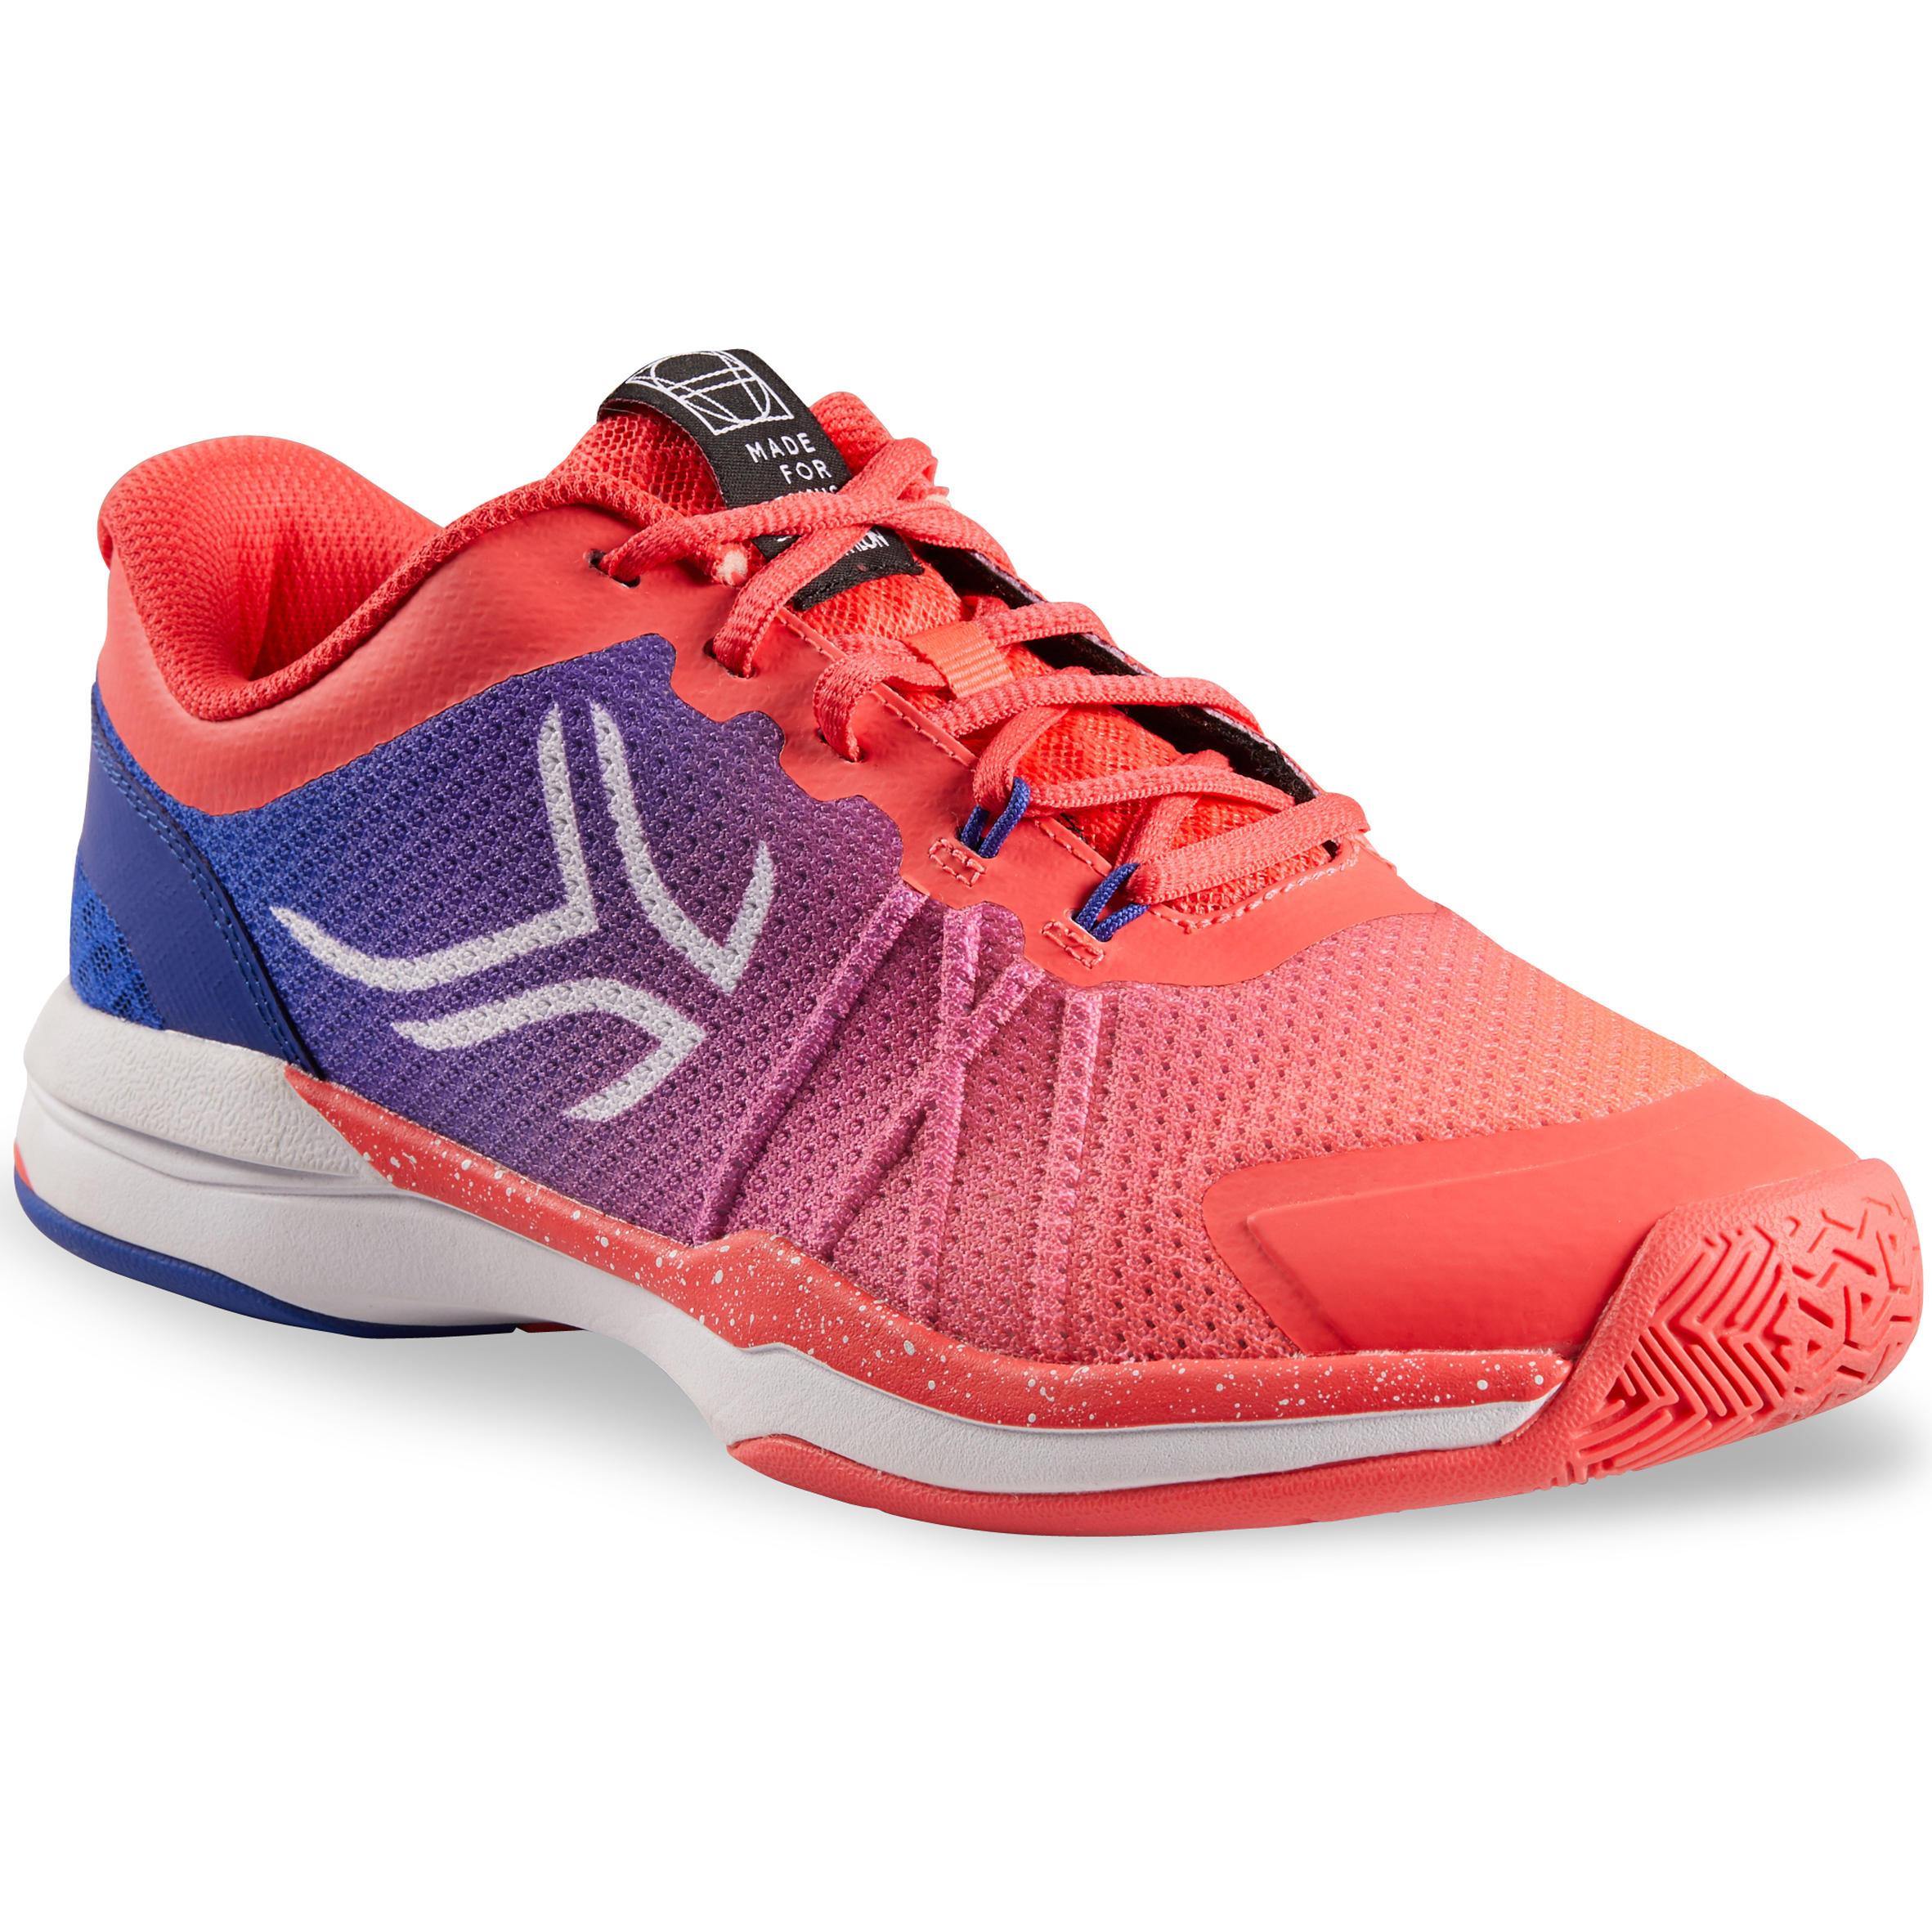 Tennisschuhe TS 590 Damen rosa | Schuhe > Sportschuhe > Tennisschuhe | Rosa - Blau | Artengo